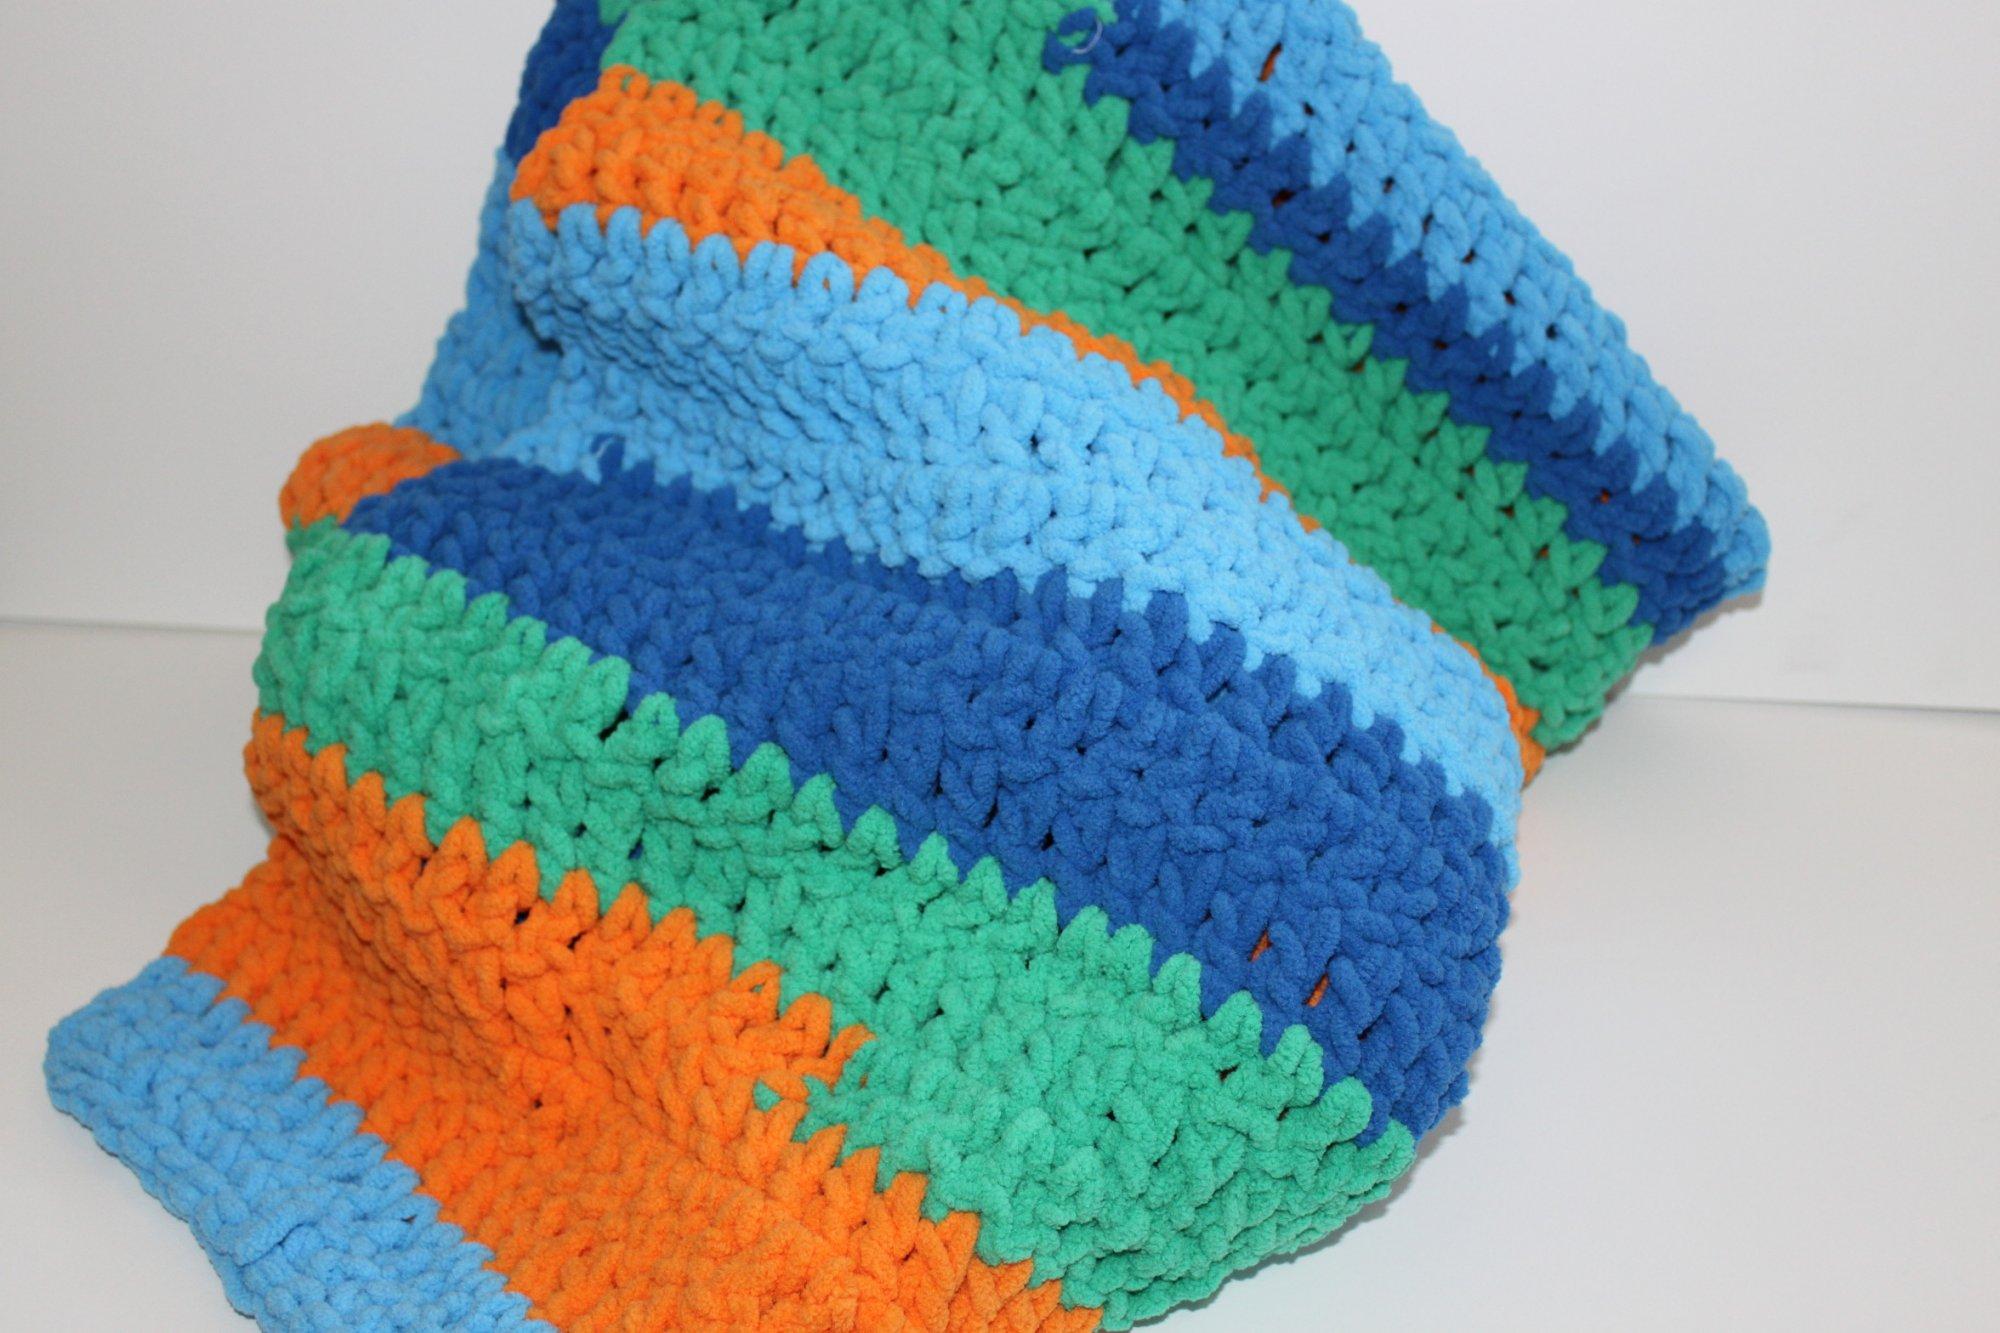 Blue/Orange/Green Chunky Blanket 30x46